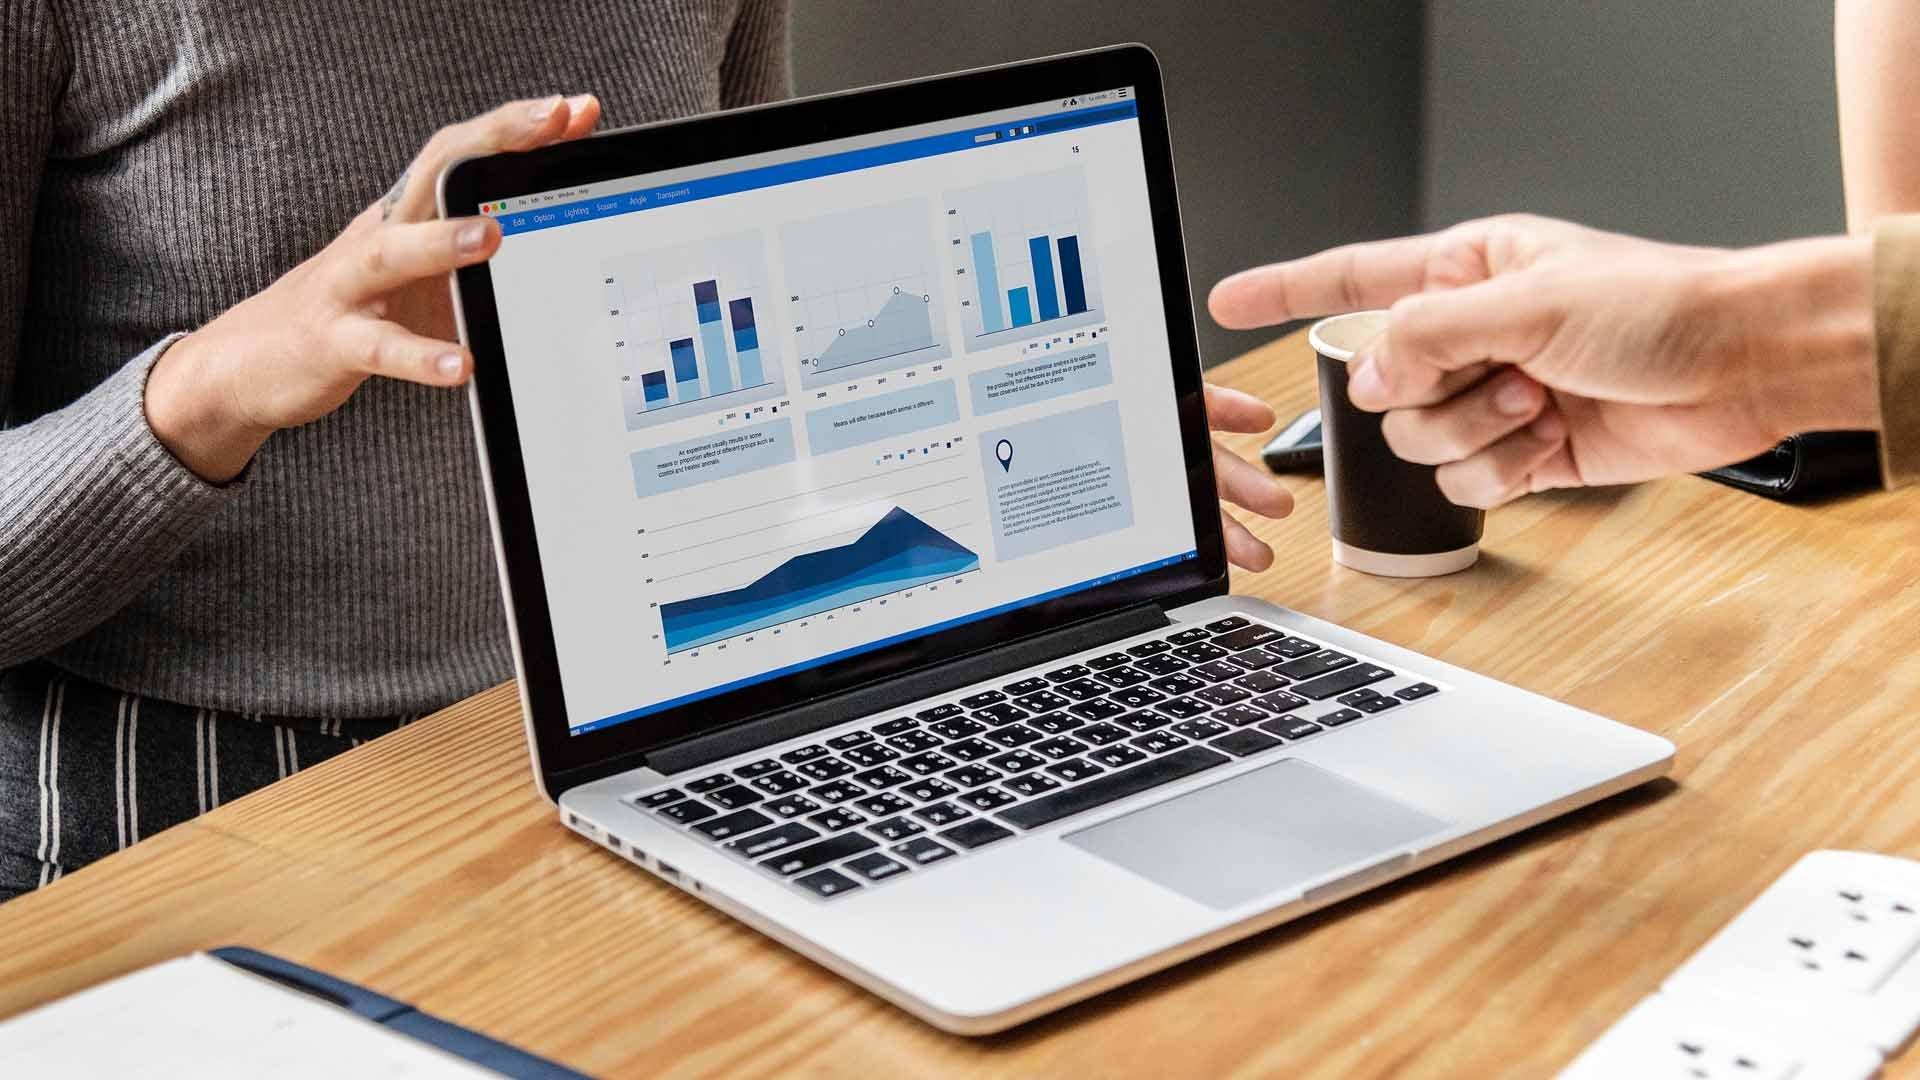 Perché è importante dare ai dati una forma visiva